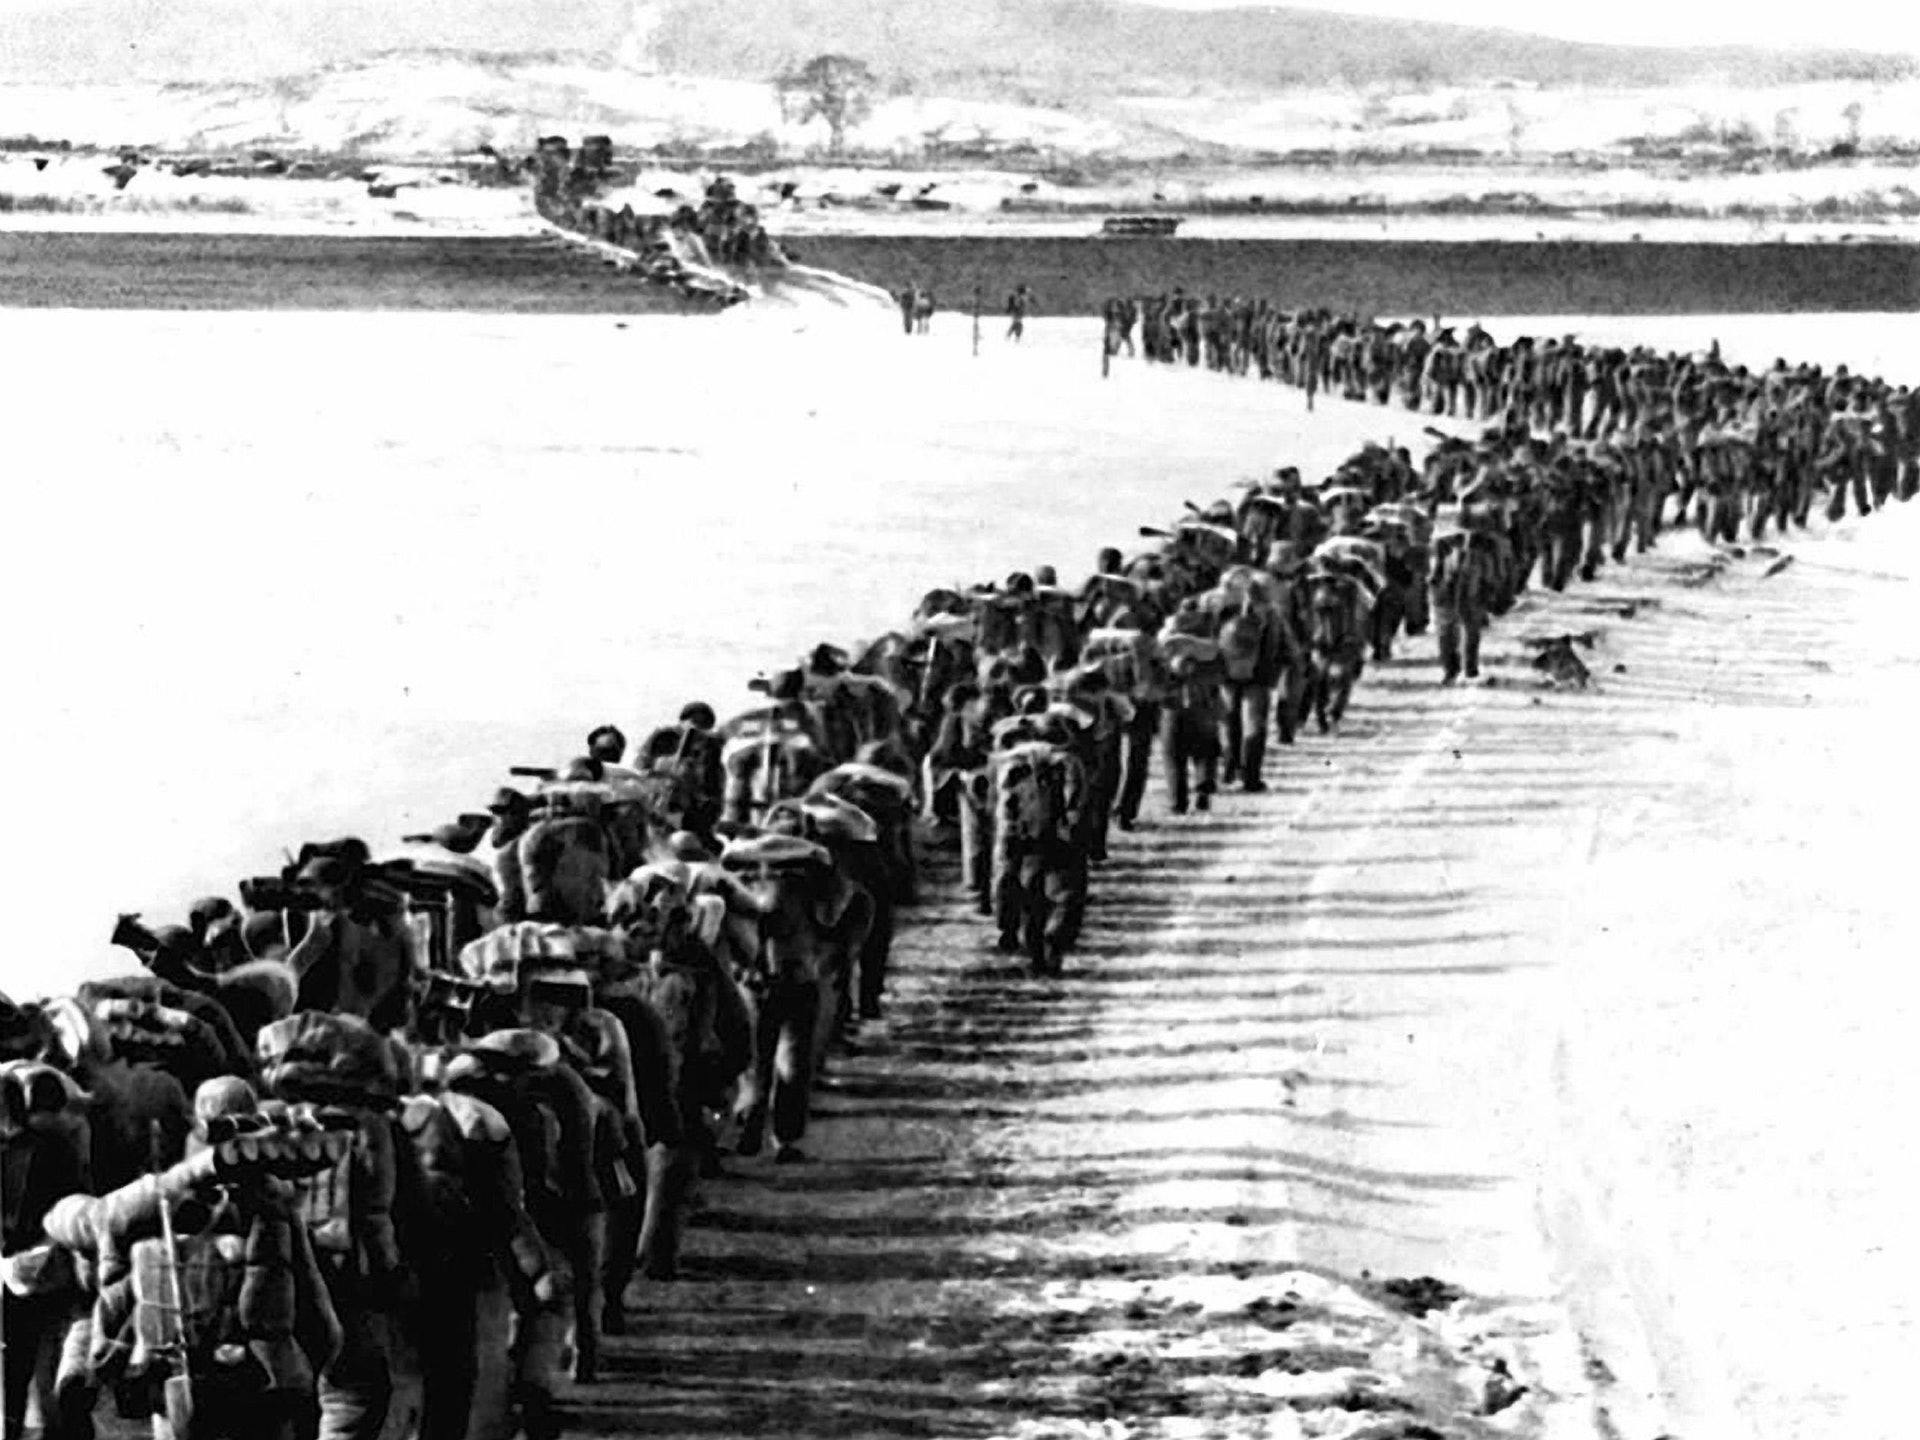 图为1950年10月14日 ,辽宁丹东,第十五野战军第119师第334团过鸭绿江的场景。(Getty )